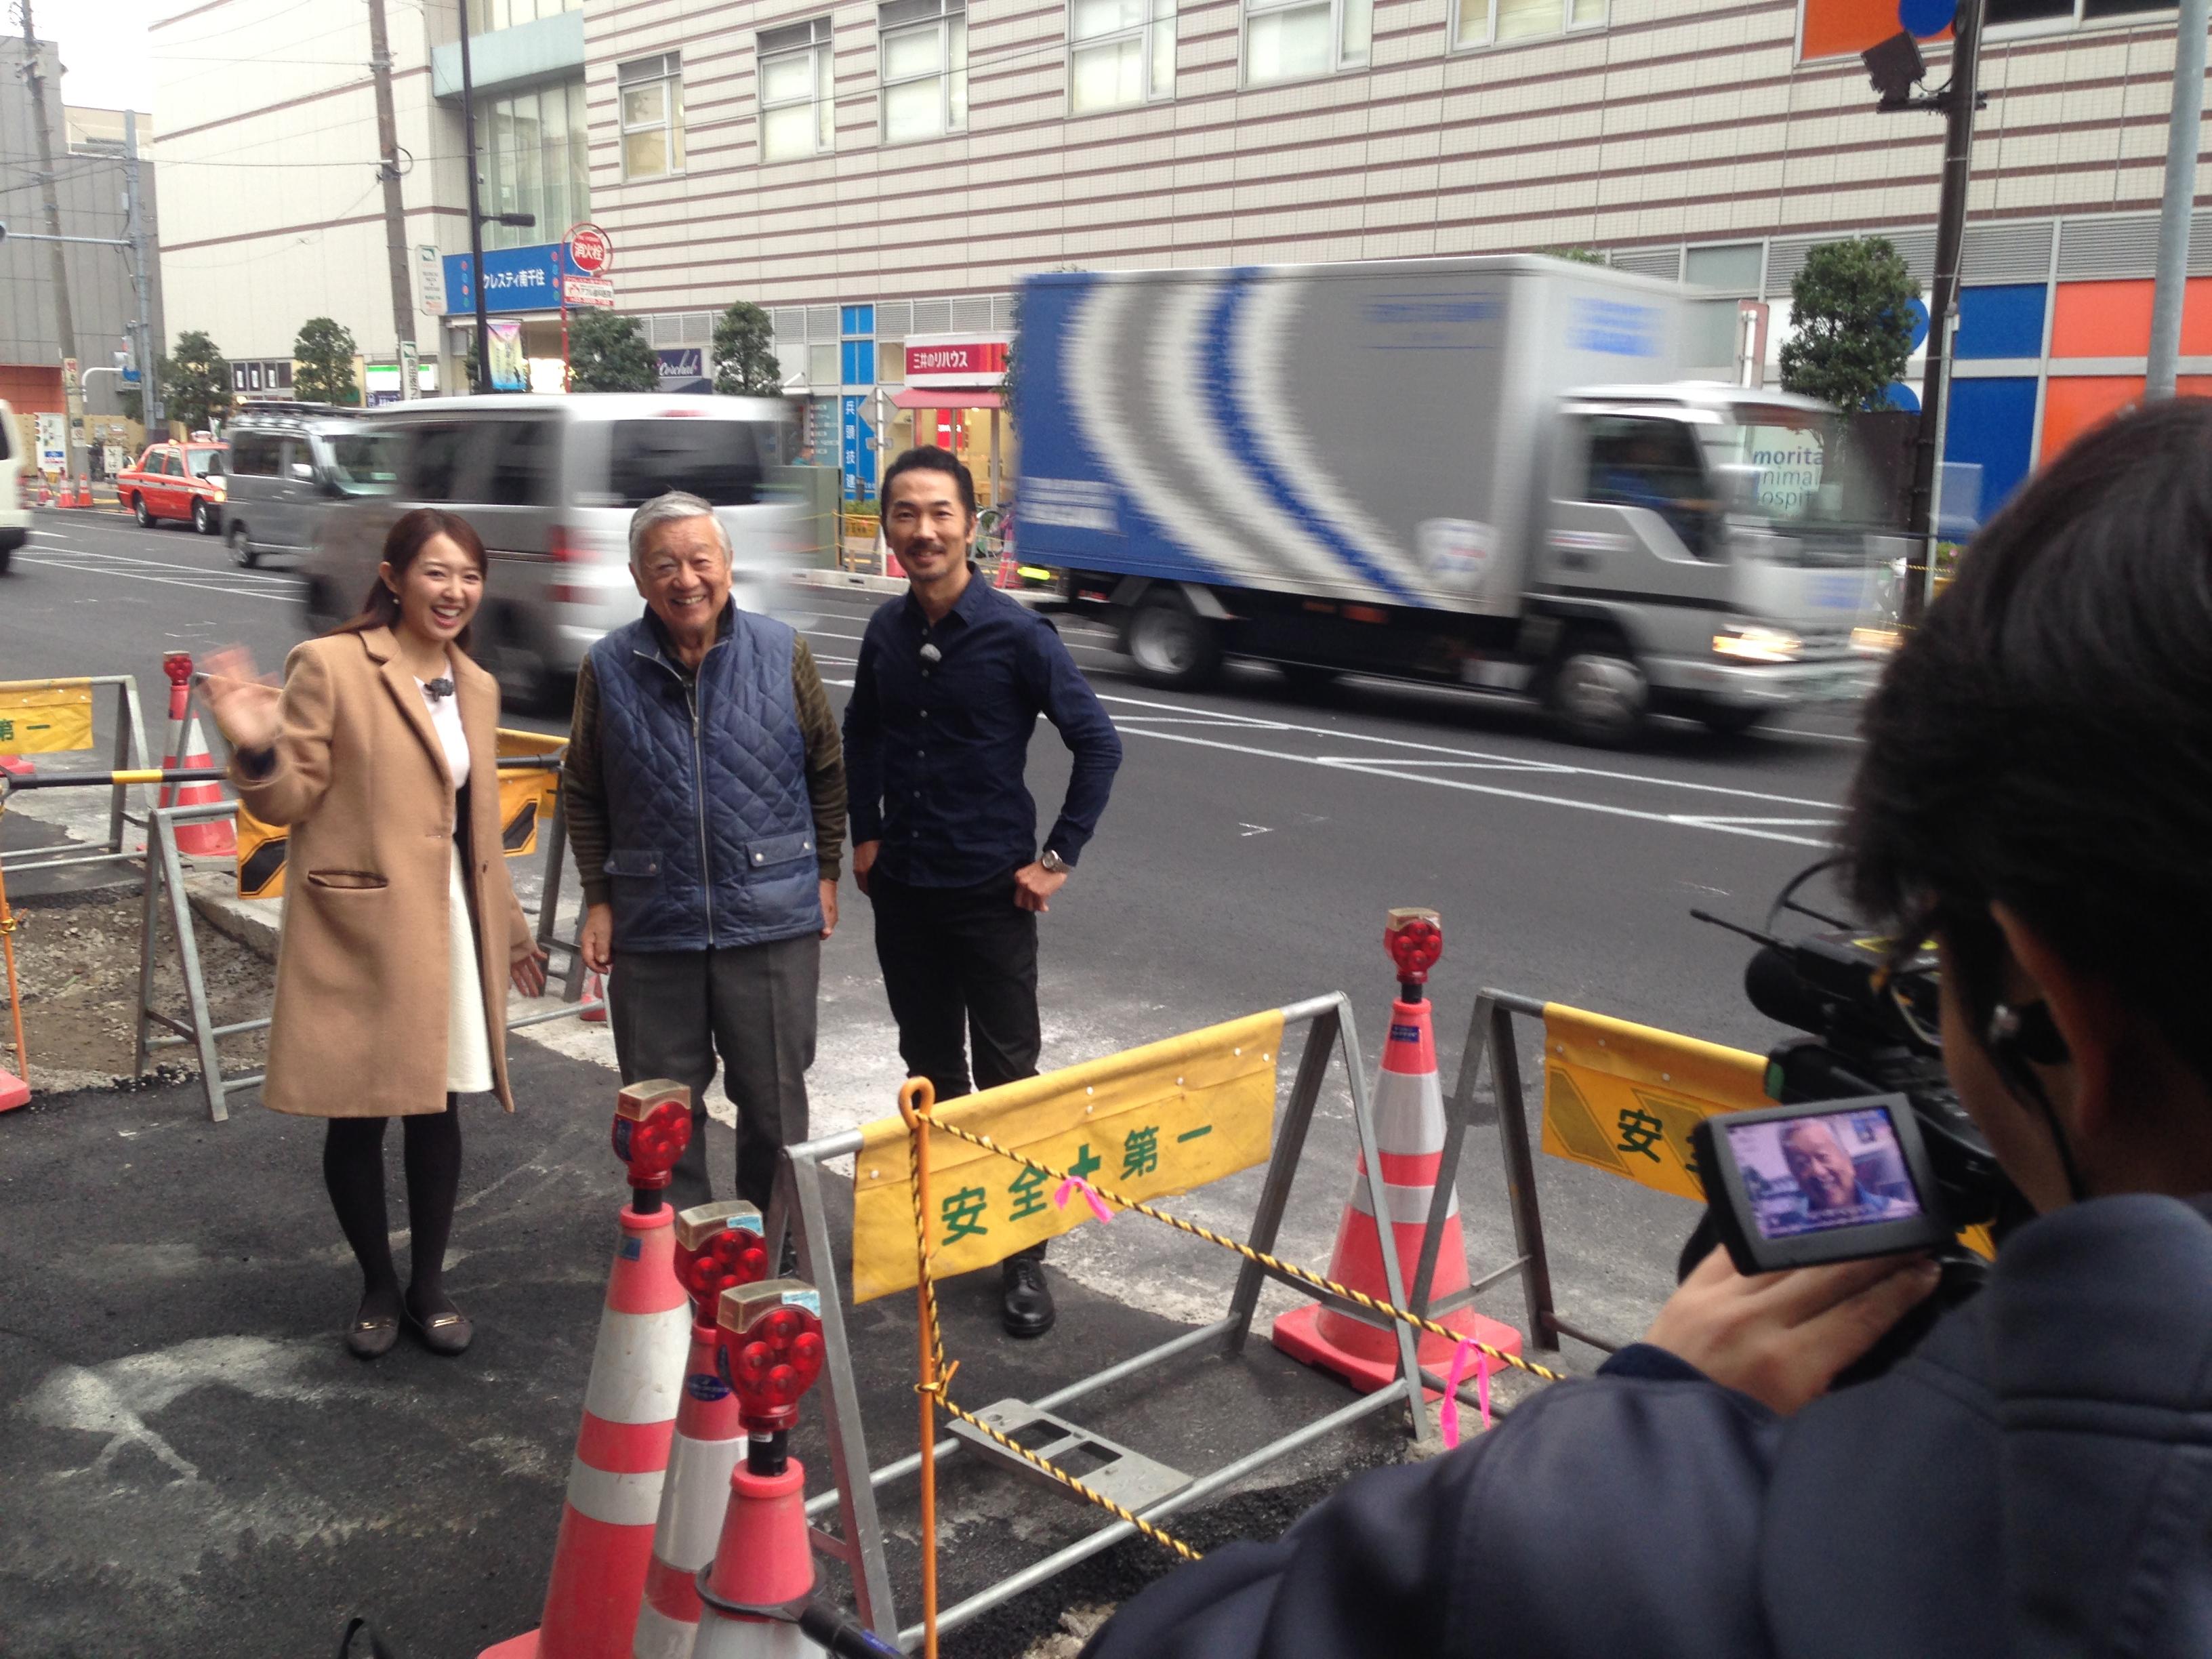 荒川ケーブルテレビ:あらまるNEXT/MC 阿部智帆/杉山六郎会長・カトリツトム